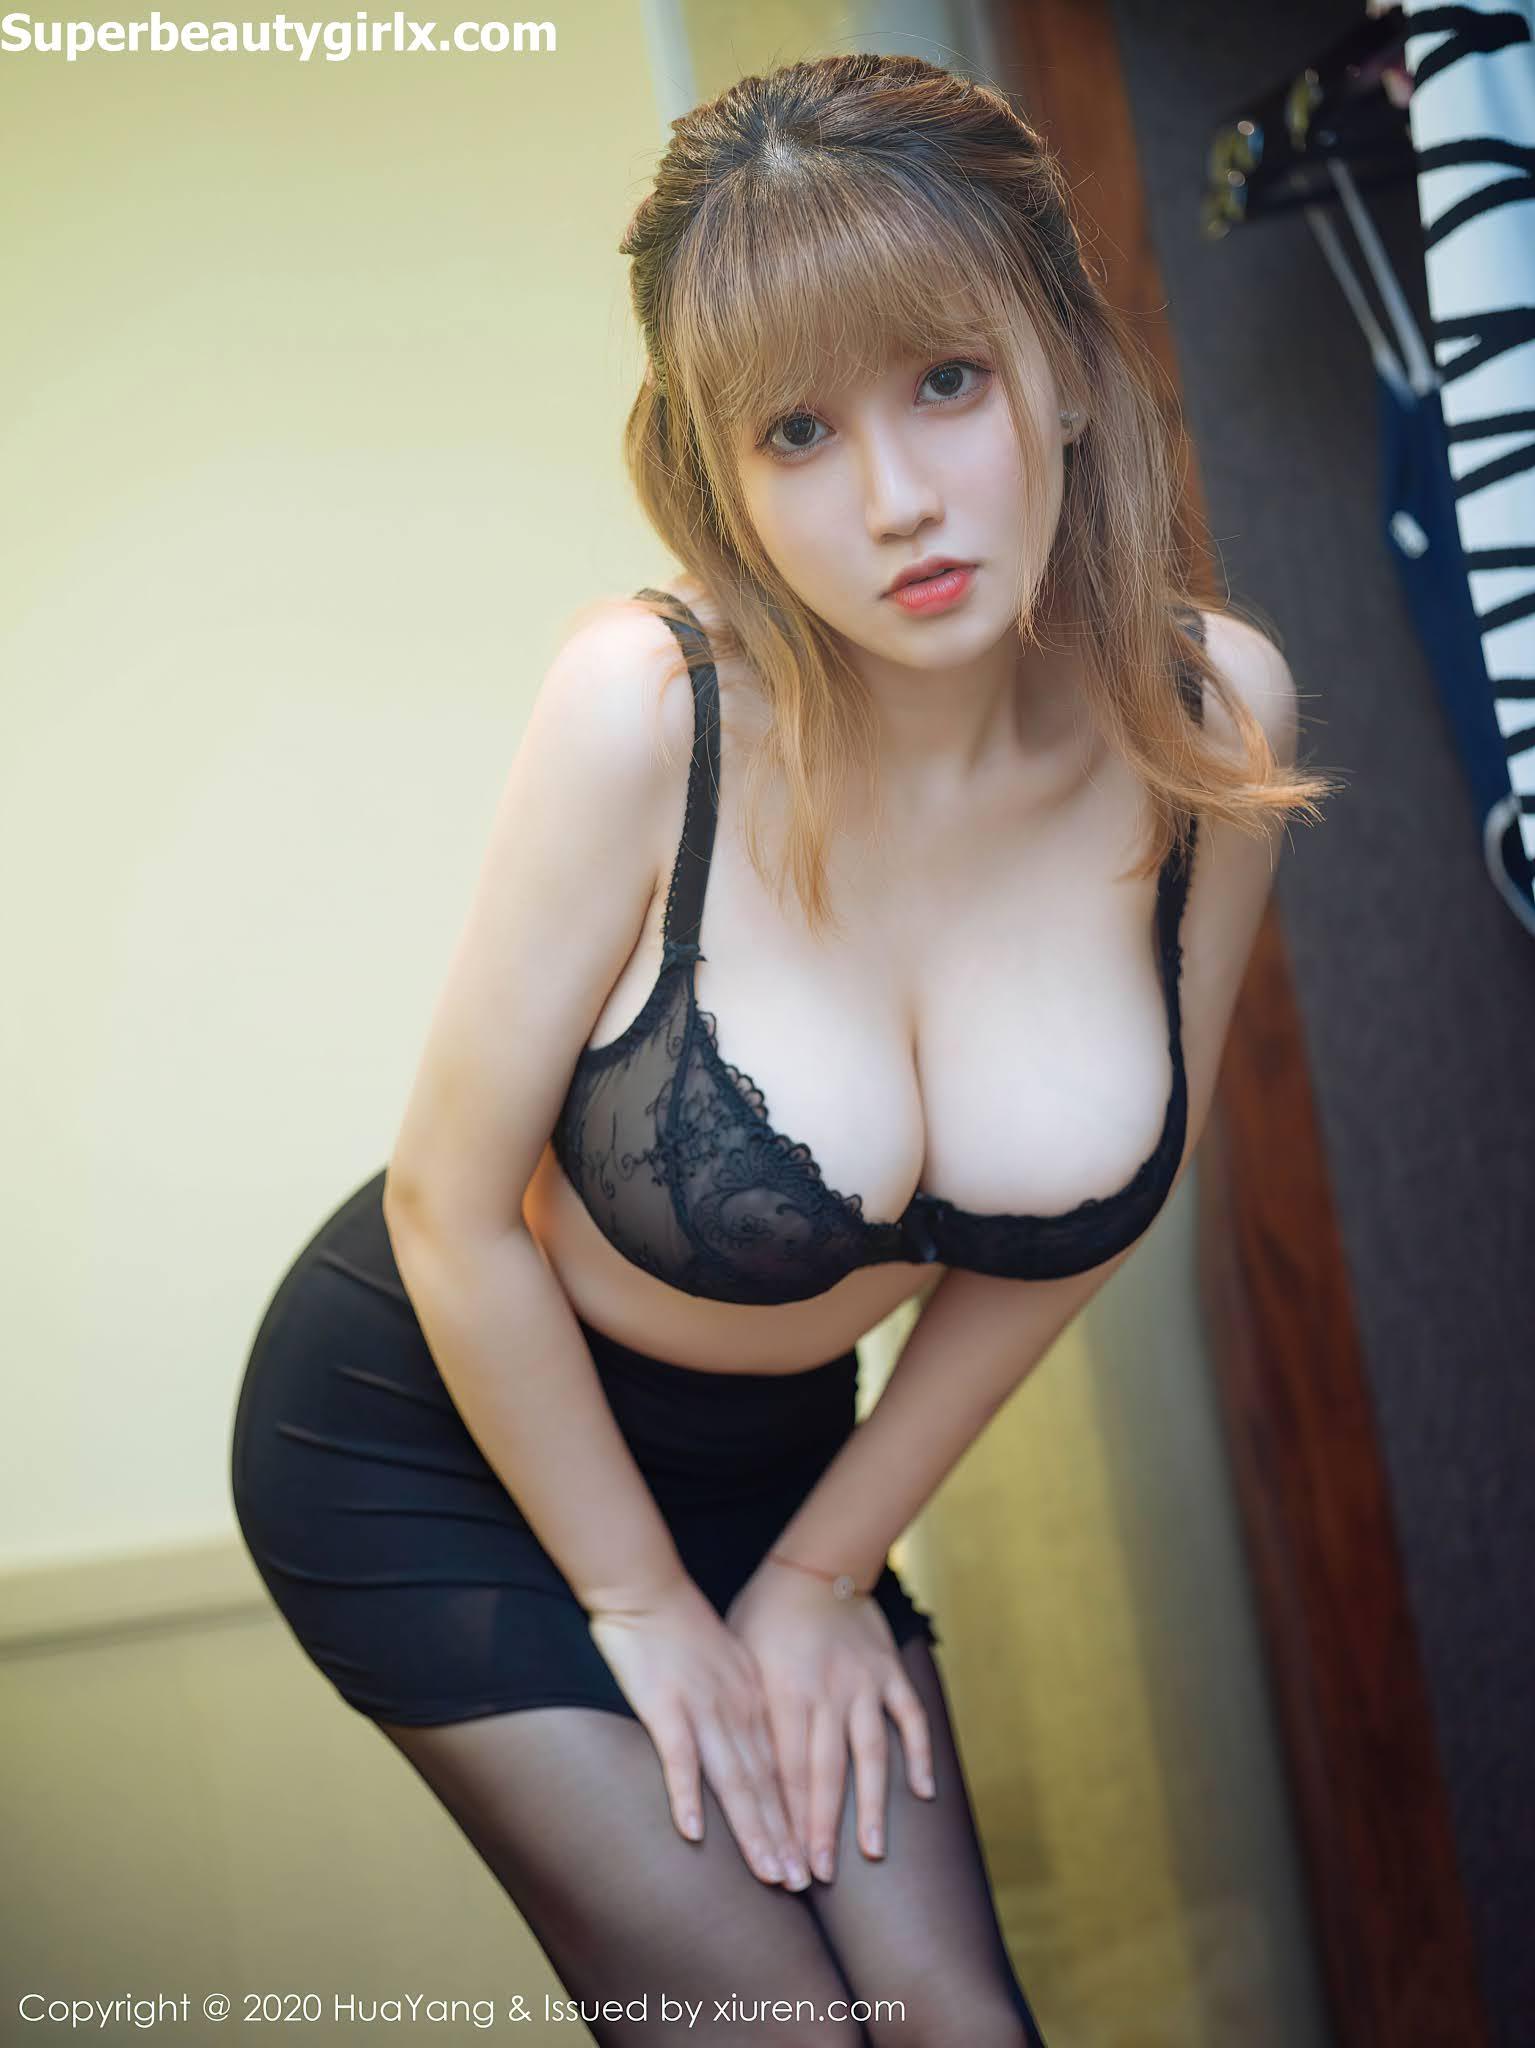 HuaYang-Vol.316-Zhou-Da-Meng-Superbeautygirlx.com